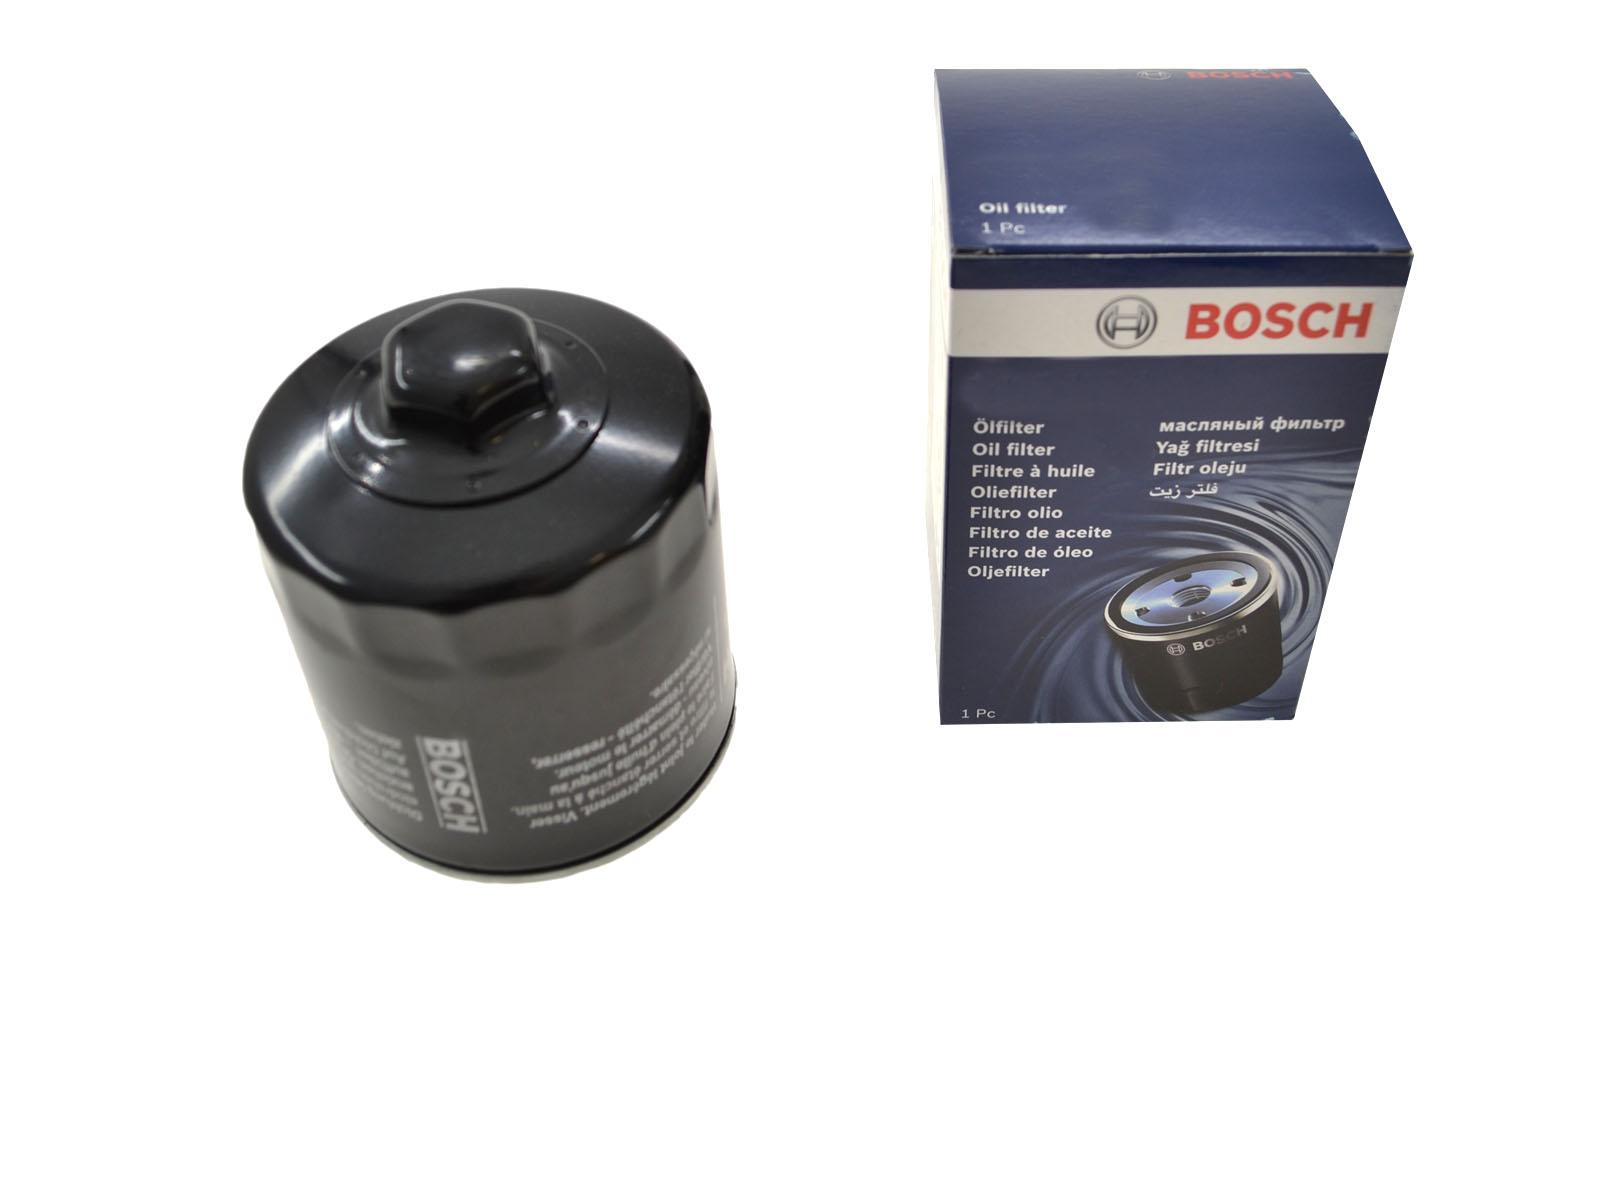 Bosch Ölfilter für Porsche 912E/914 -4 2.0 VW 411/412/T2/T3 Motor